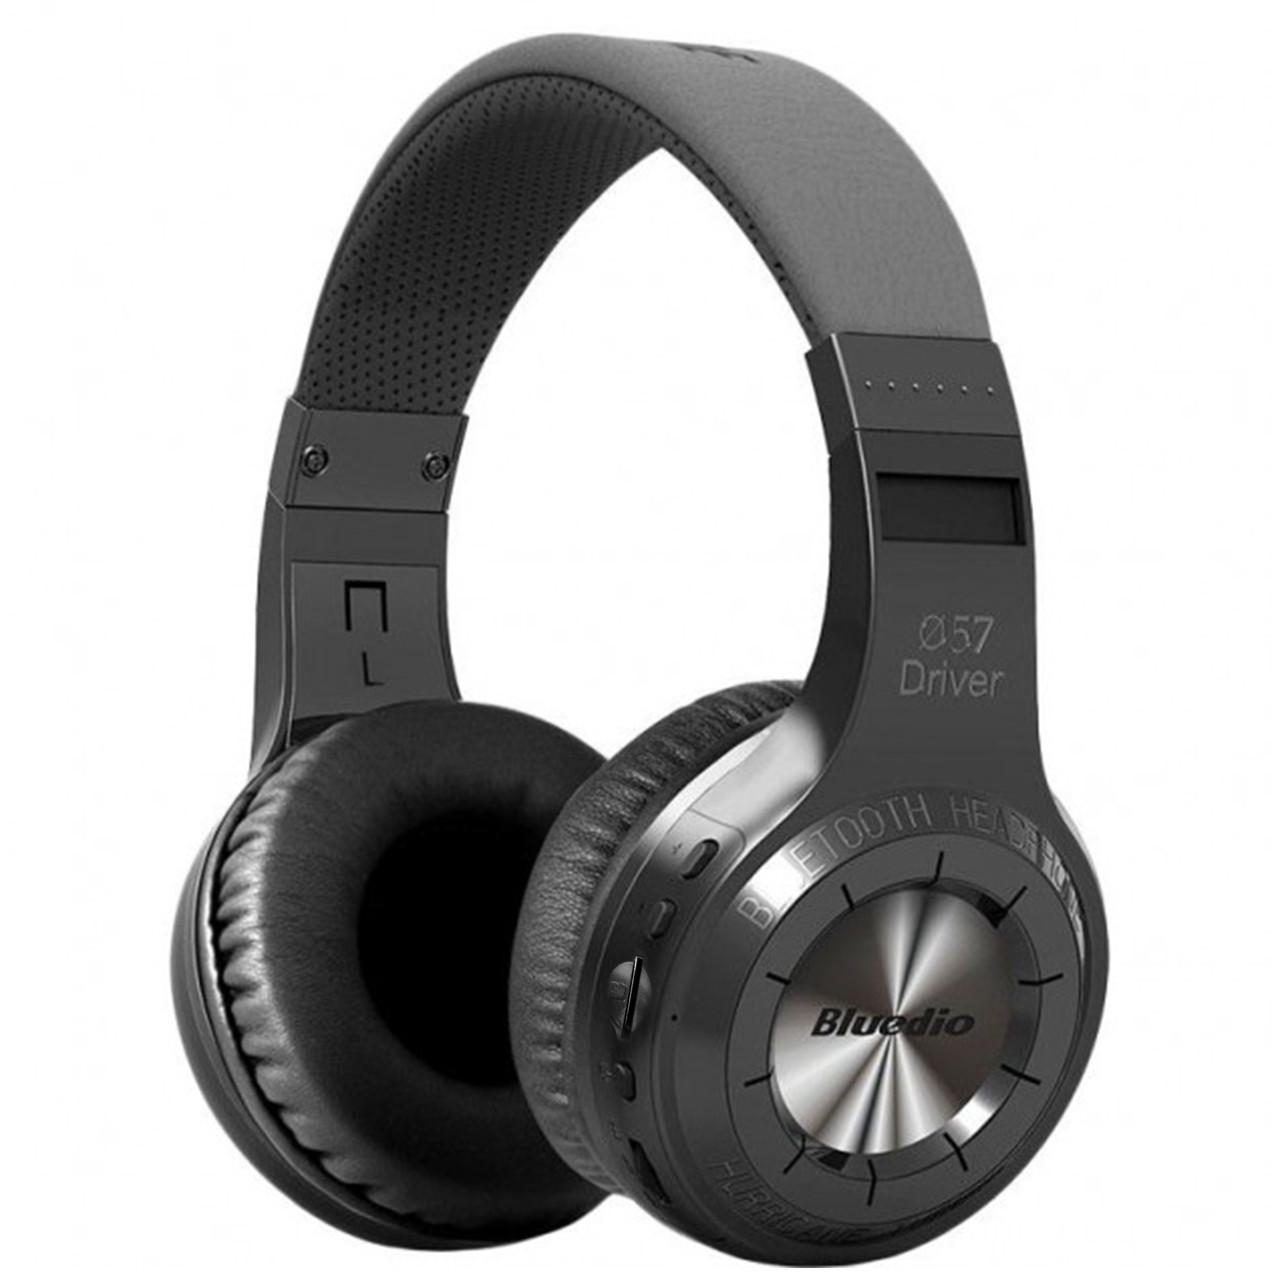 ✖Стерео bluetooth гарнитура Bluedio H+ Black наушники с микрофоном беспроводная USB microSD FM-радио